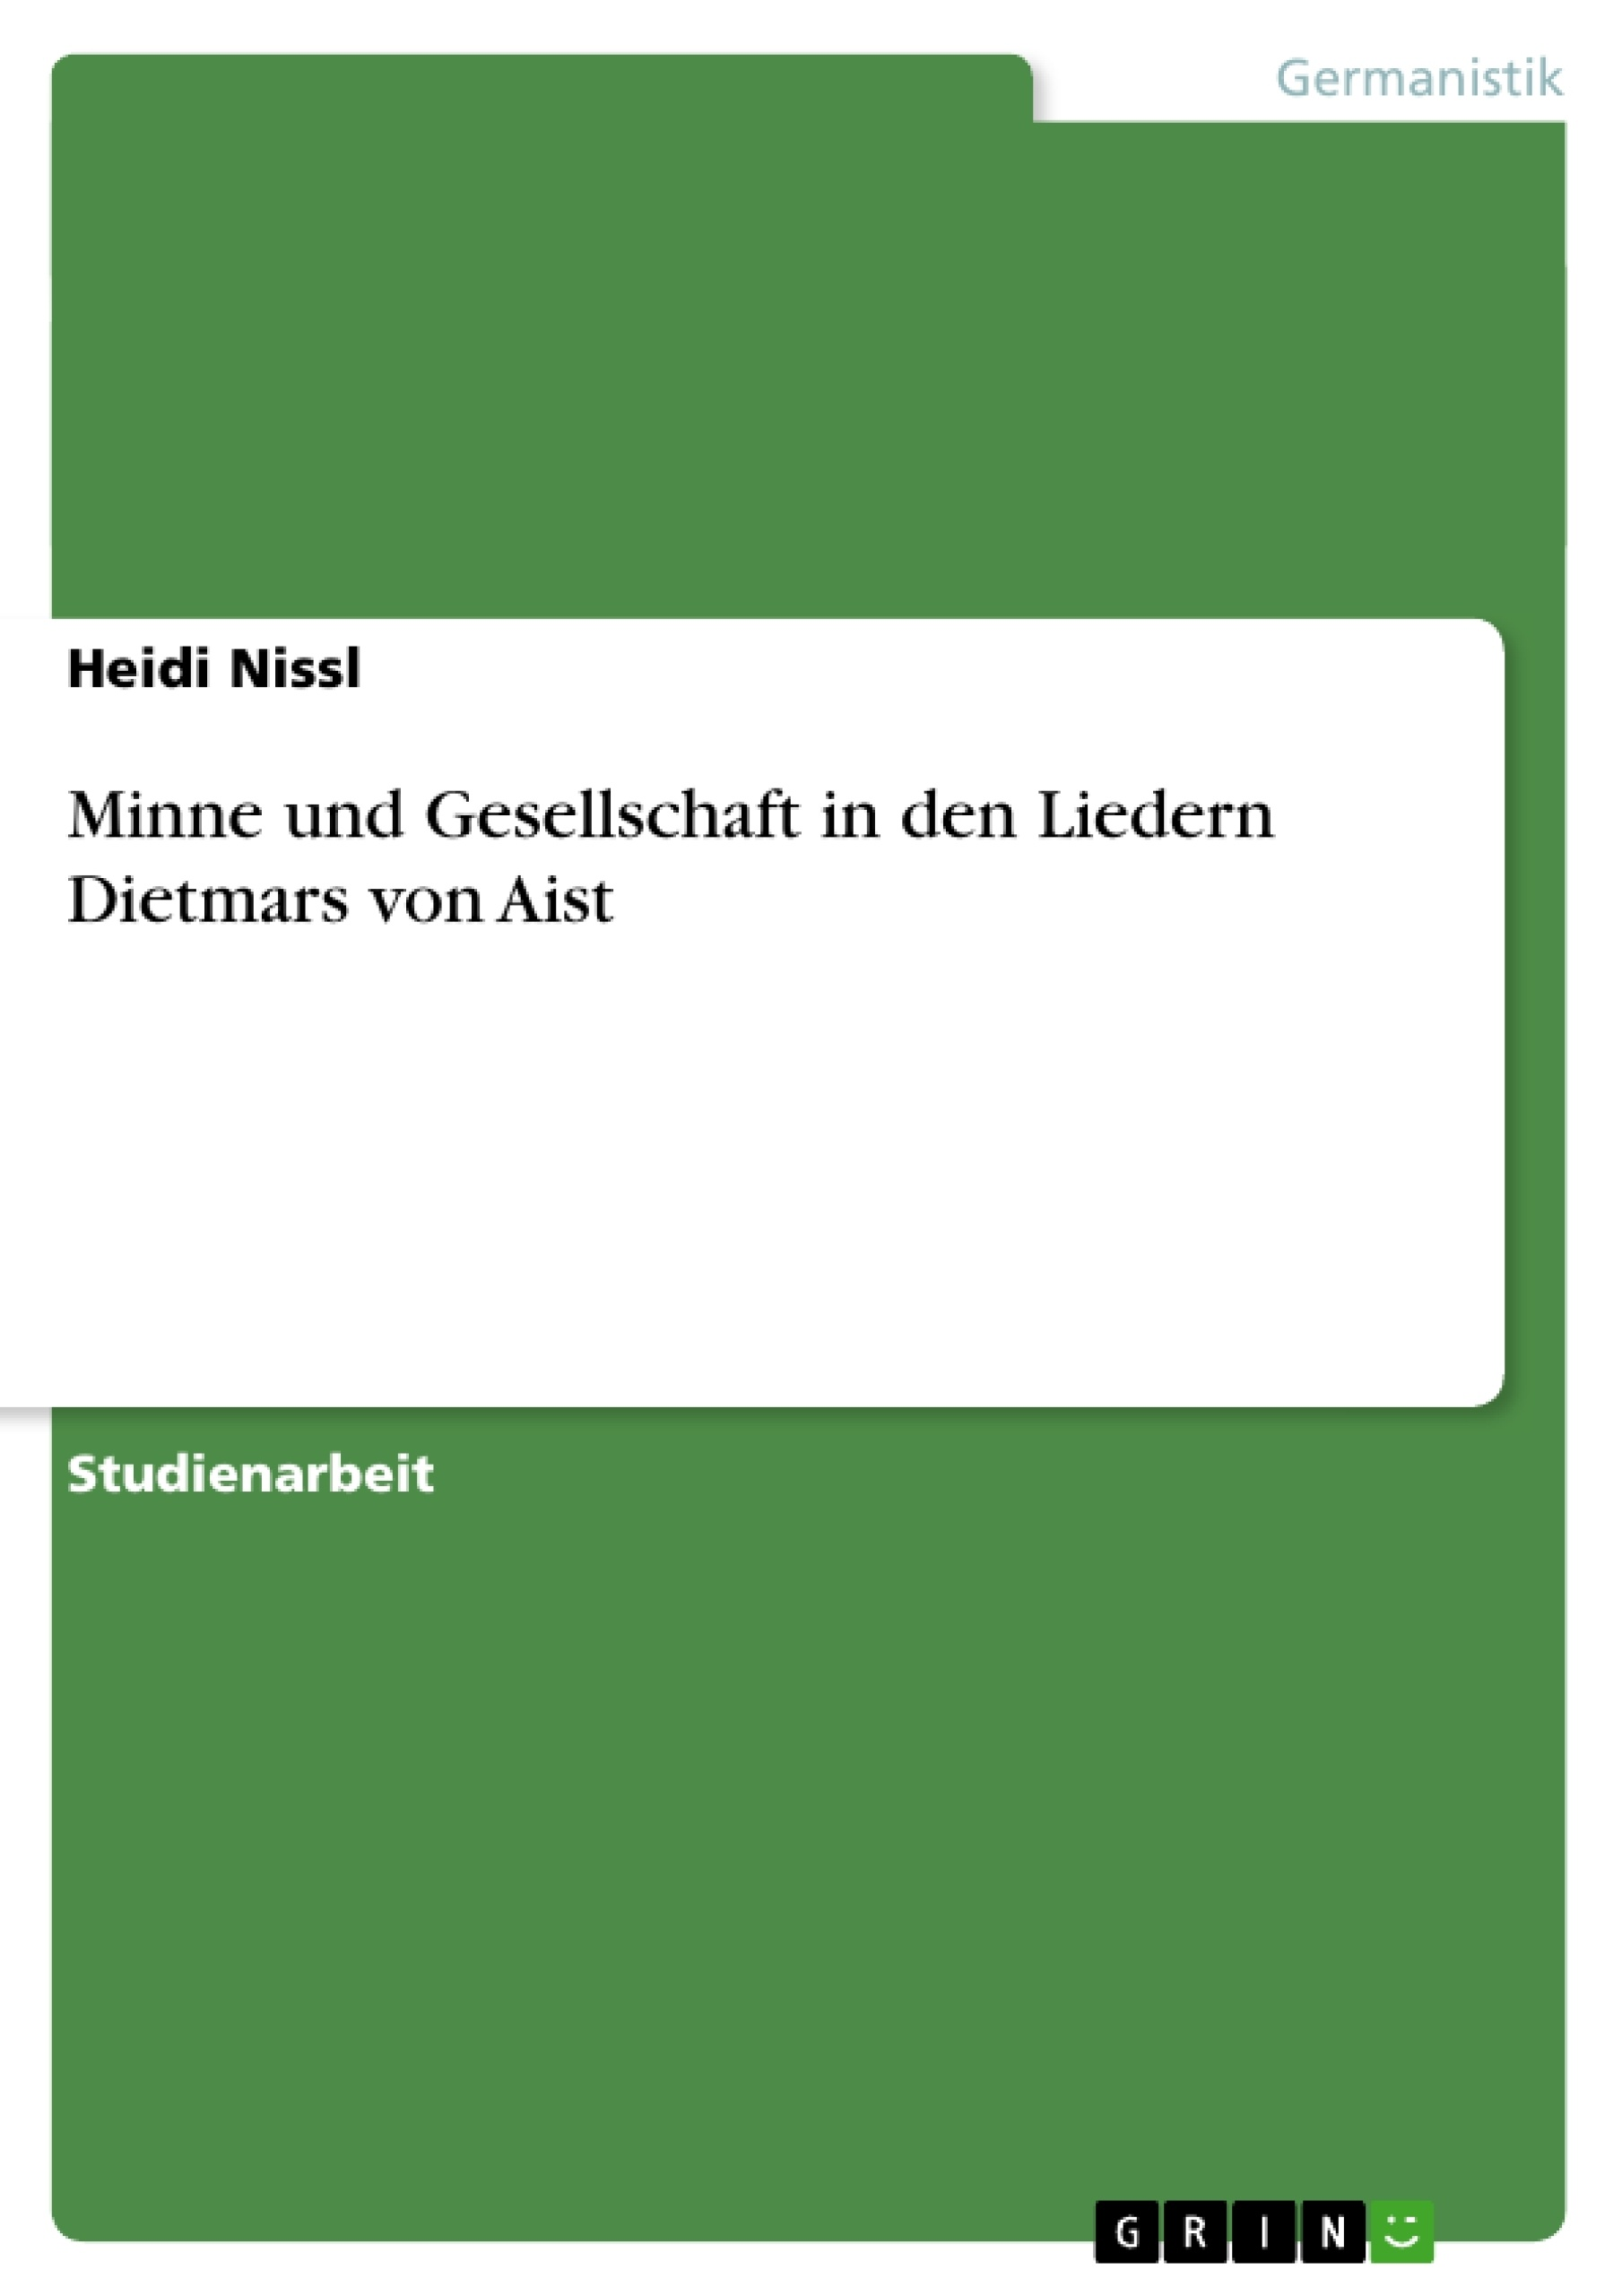 Titel: Minne und Gesellschaft in den Liedern Dietmars von Aist